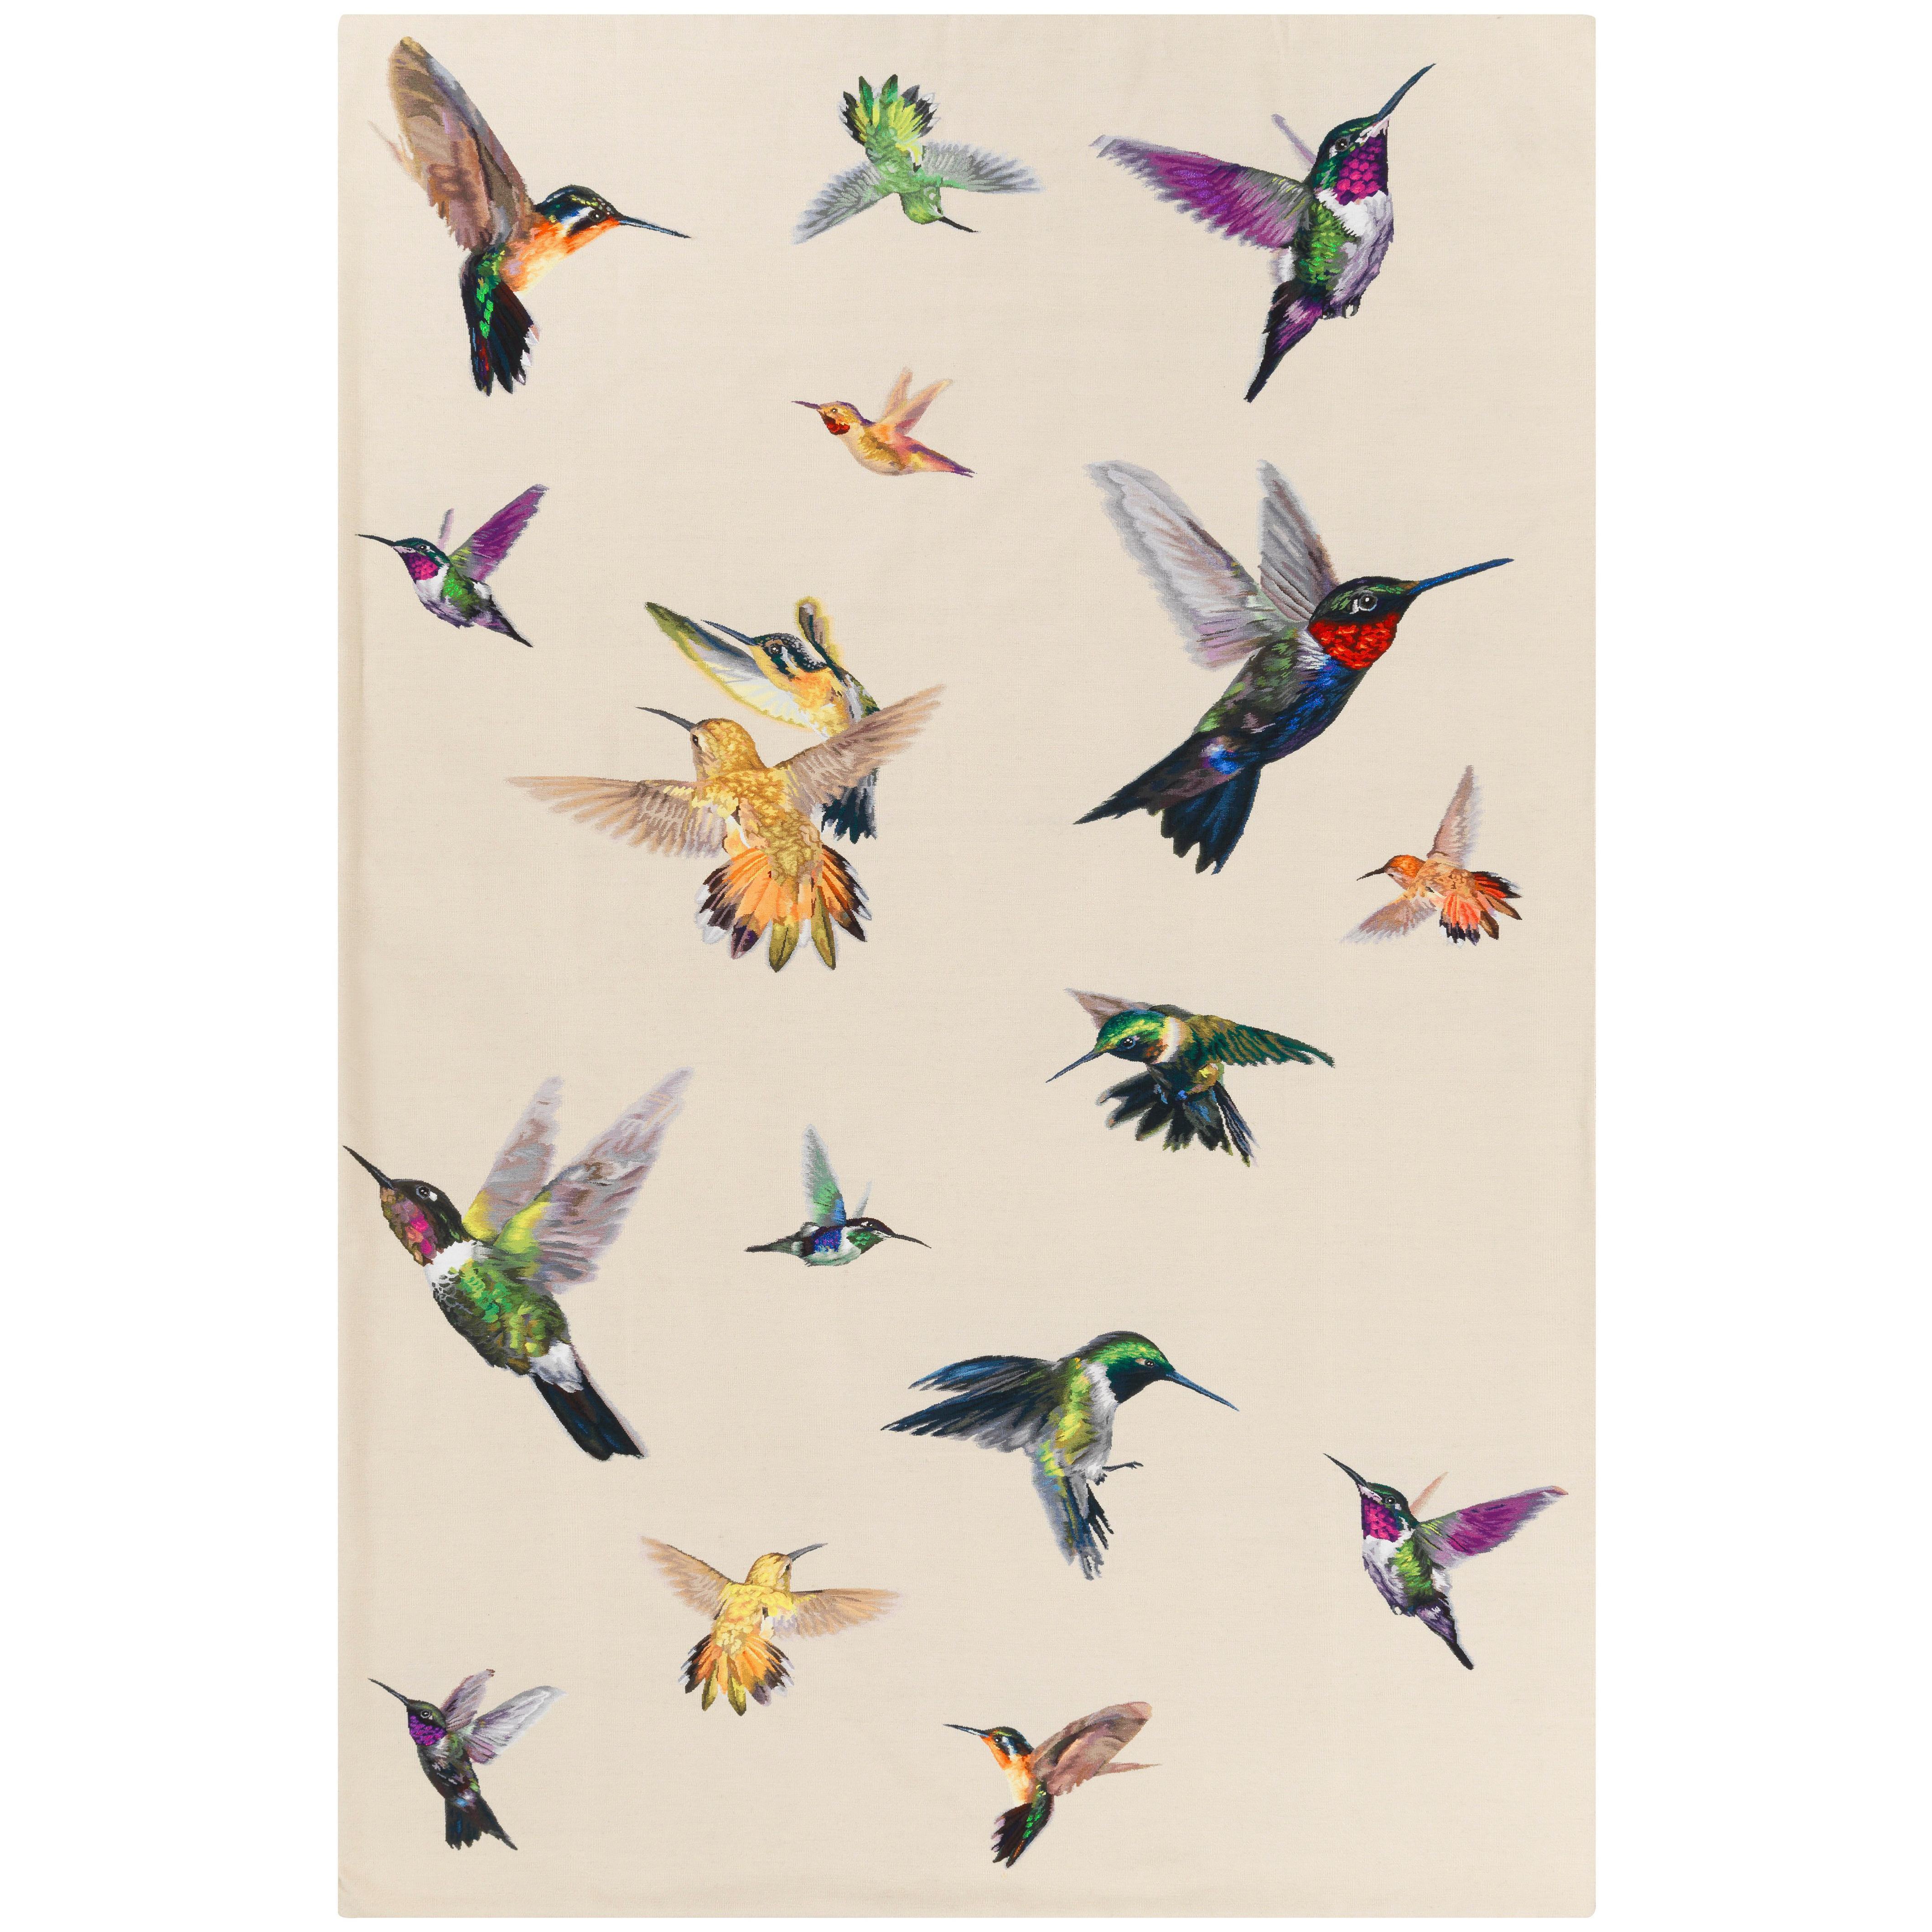 Hummingbird Ivory Handwoven 10x8 Rug in Silk by Alexander McQueen